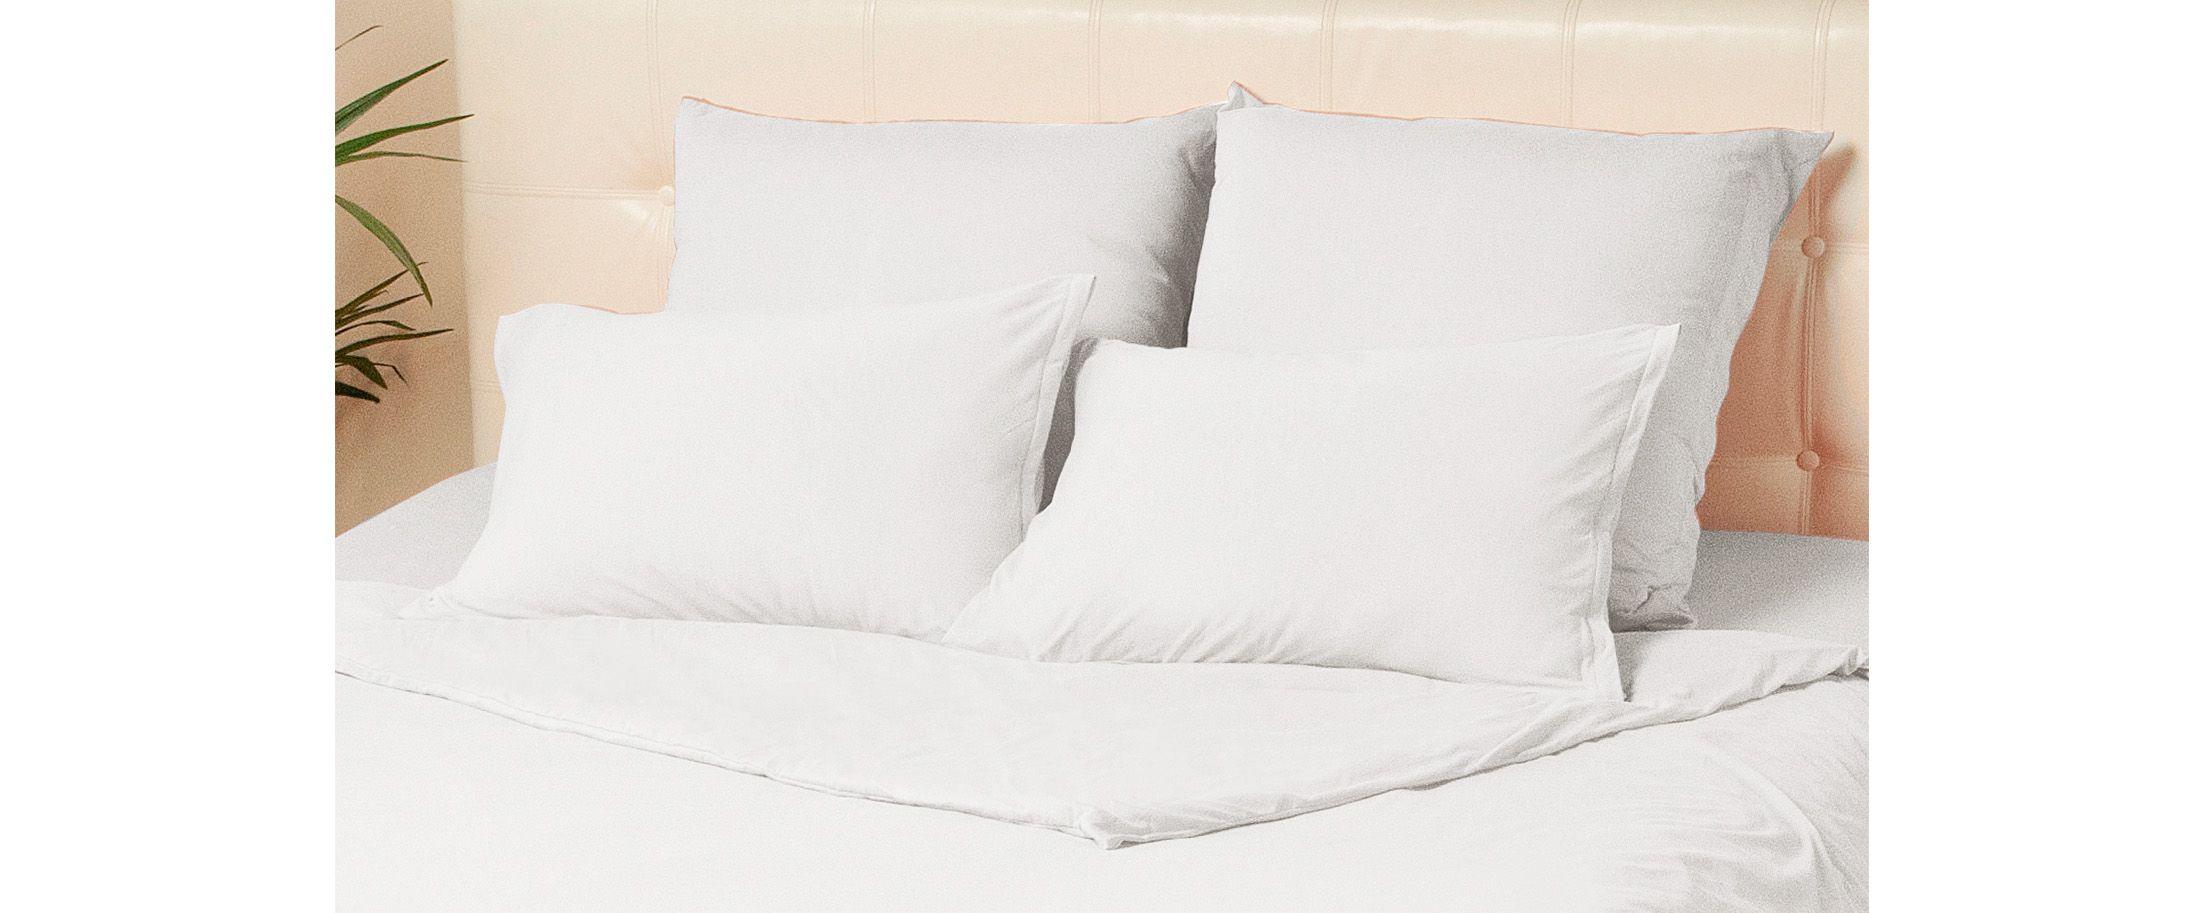 Комплект наволочек на молнии 50х70 белого цвета Violett Модель 4002